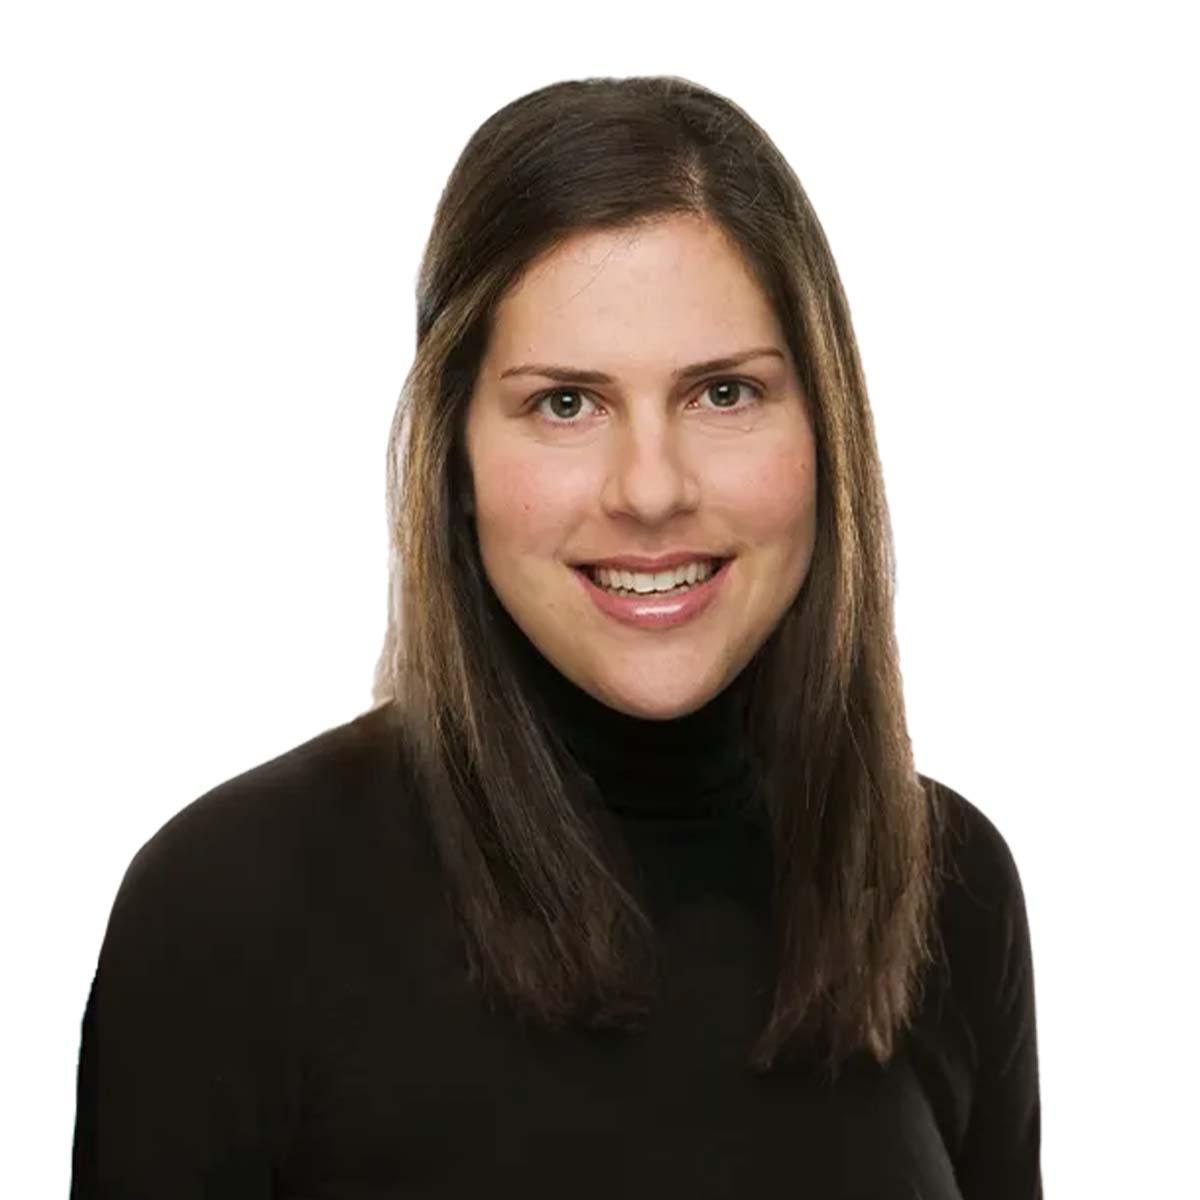 Jaclyn Seidman